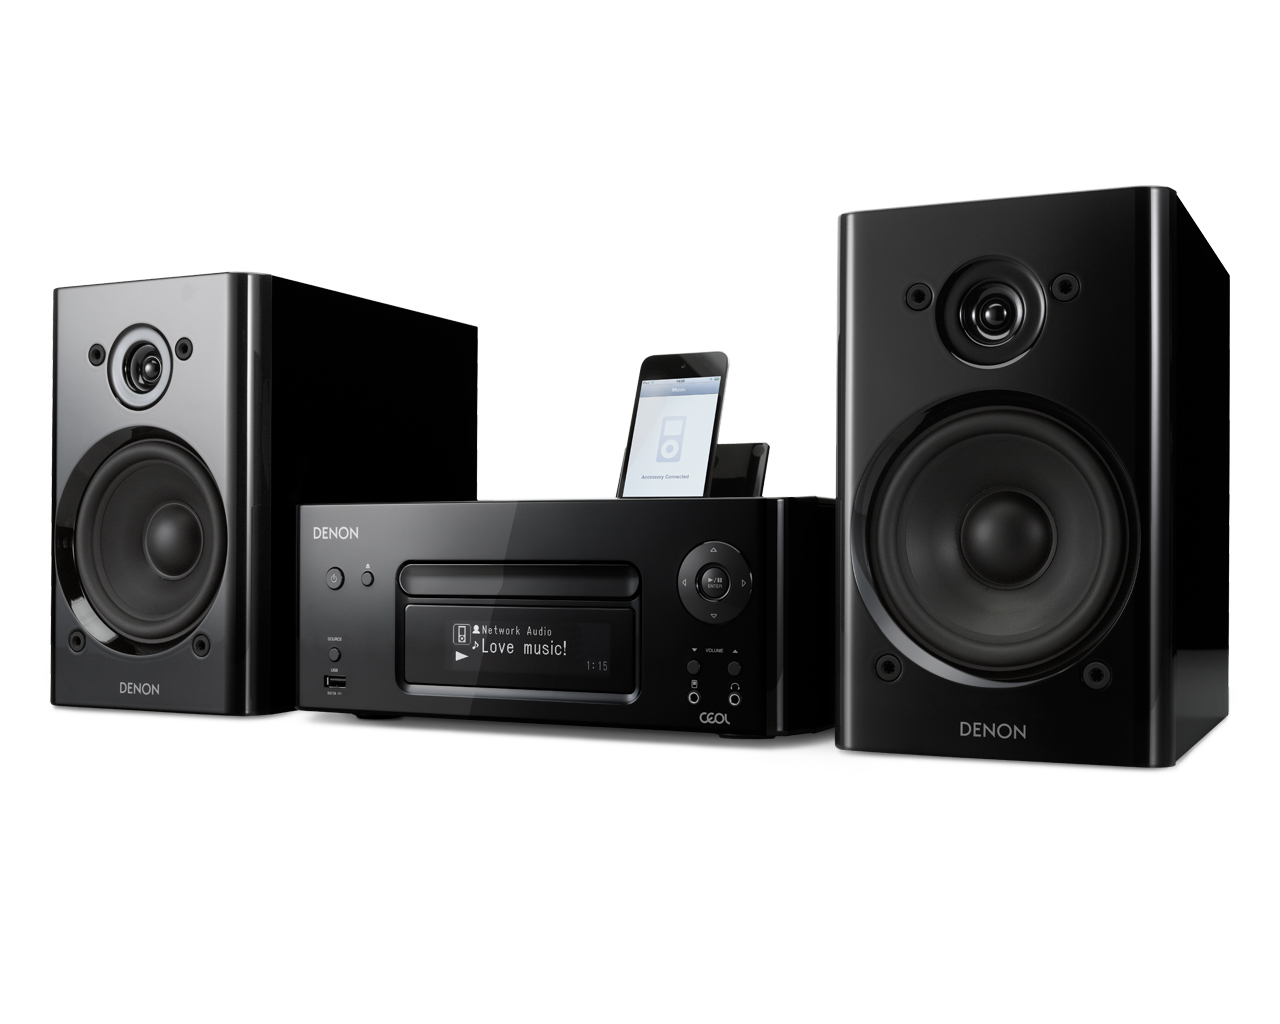 ชุดเครื่องเสียง Denon CEOL N8 (Black) ชุดเครื่องเสียงที่รองรับการเชื่อมต่อแบบไร้สายด้วยเทคโนโลยี Air Play